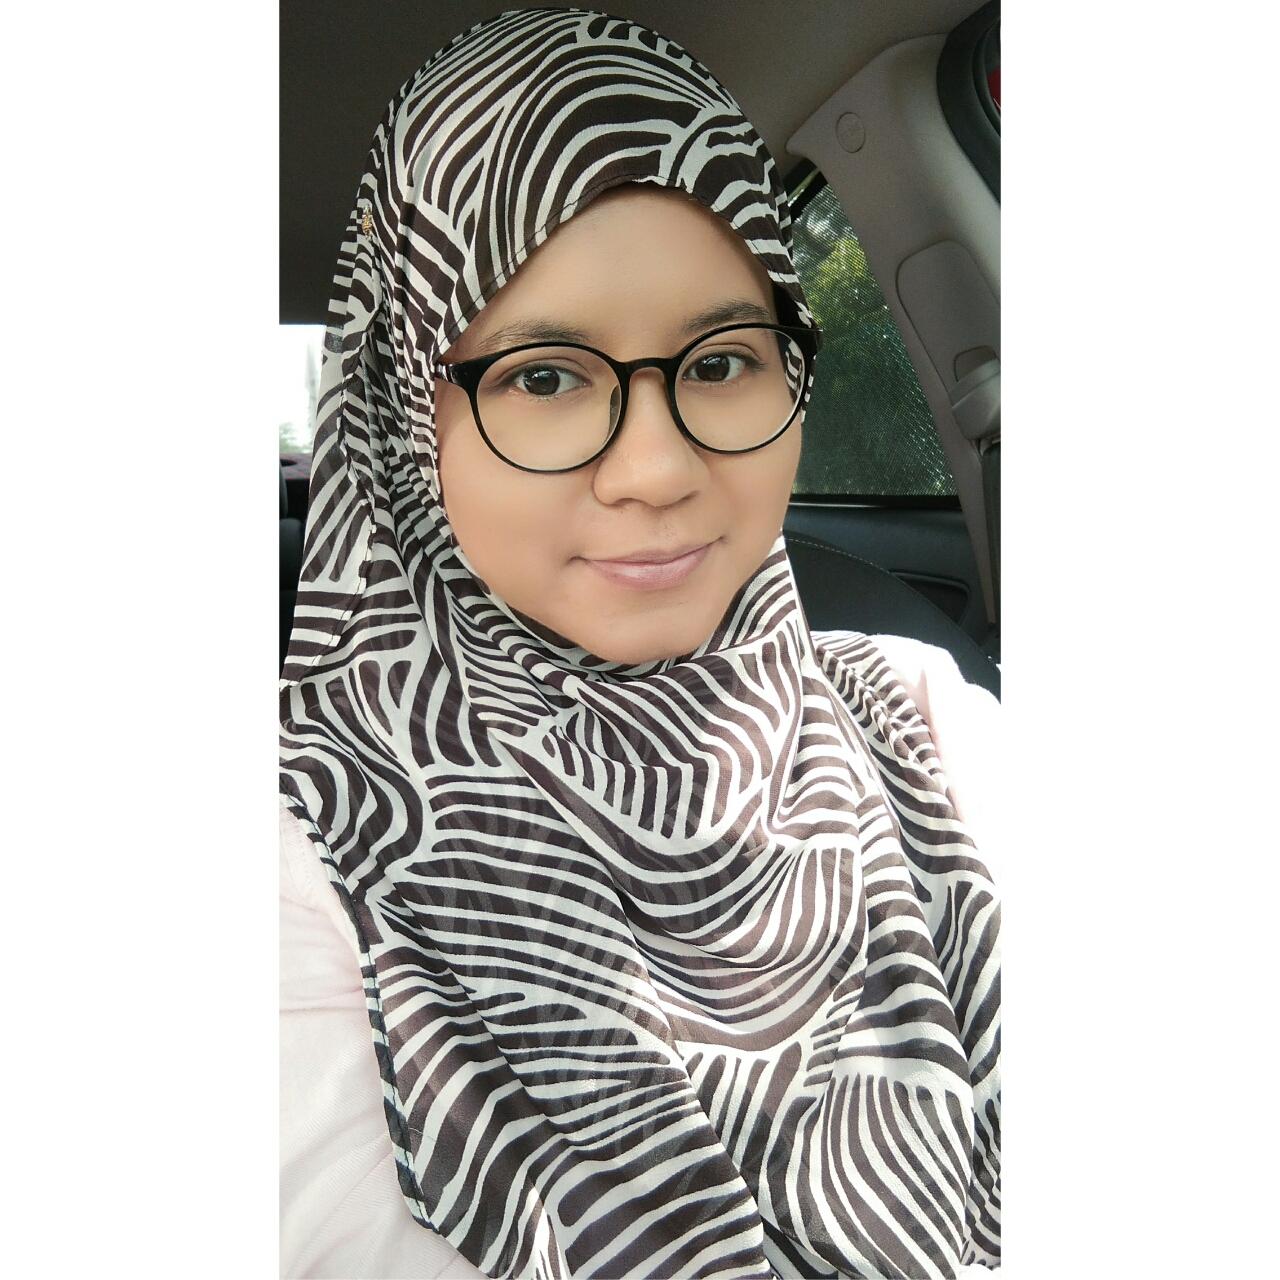 Puan Blogger